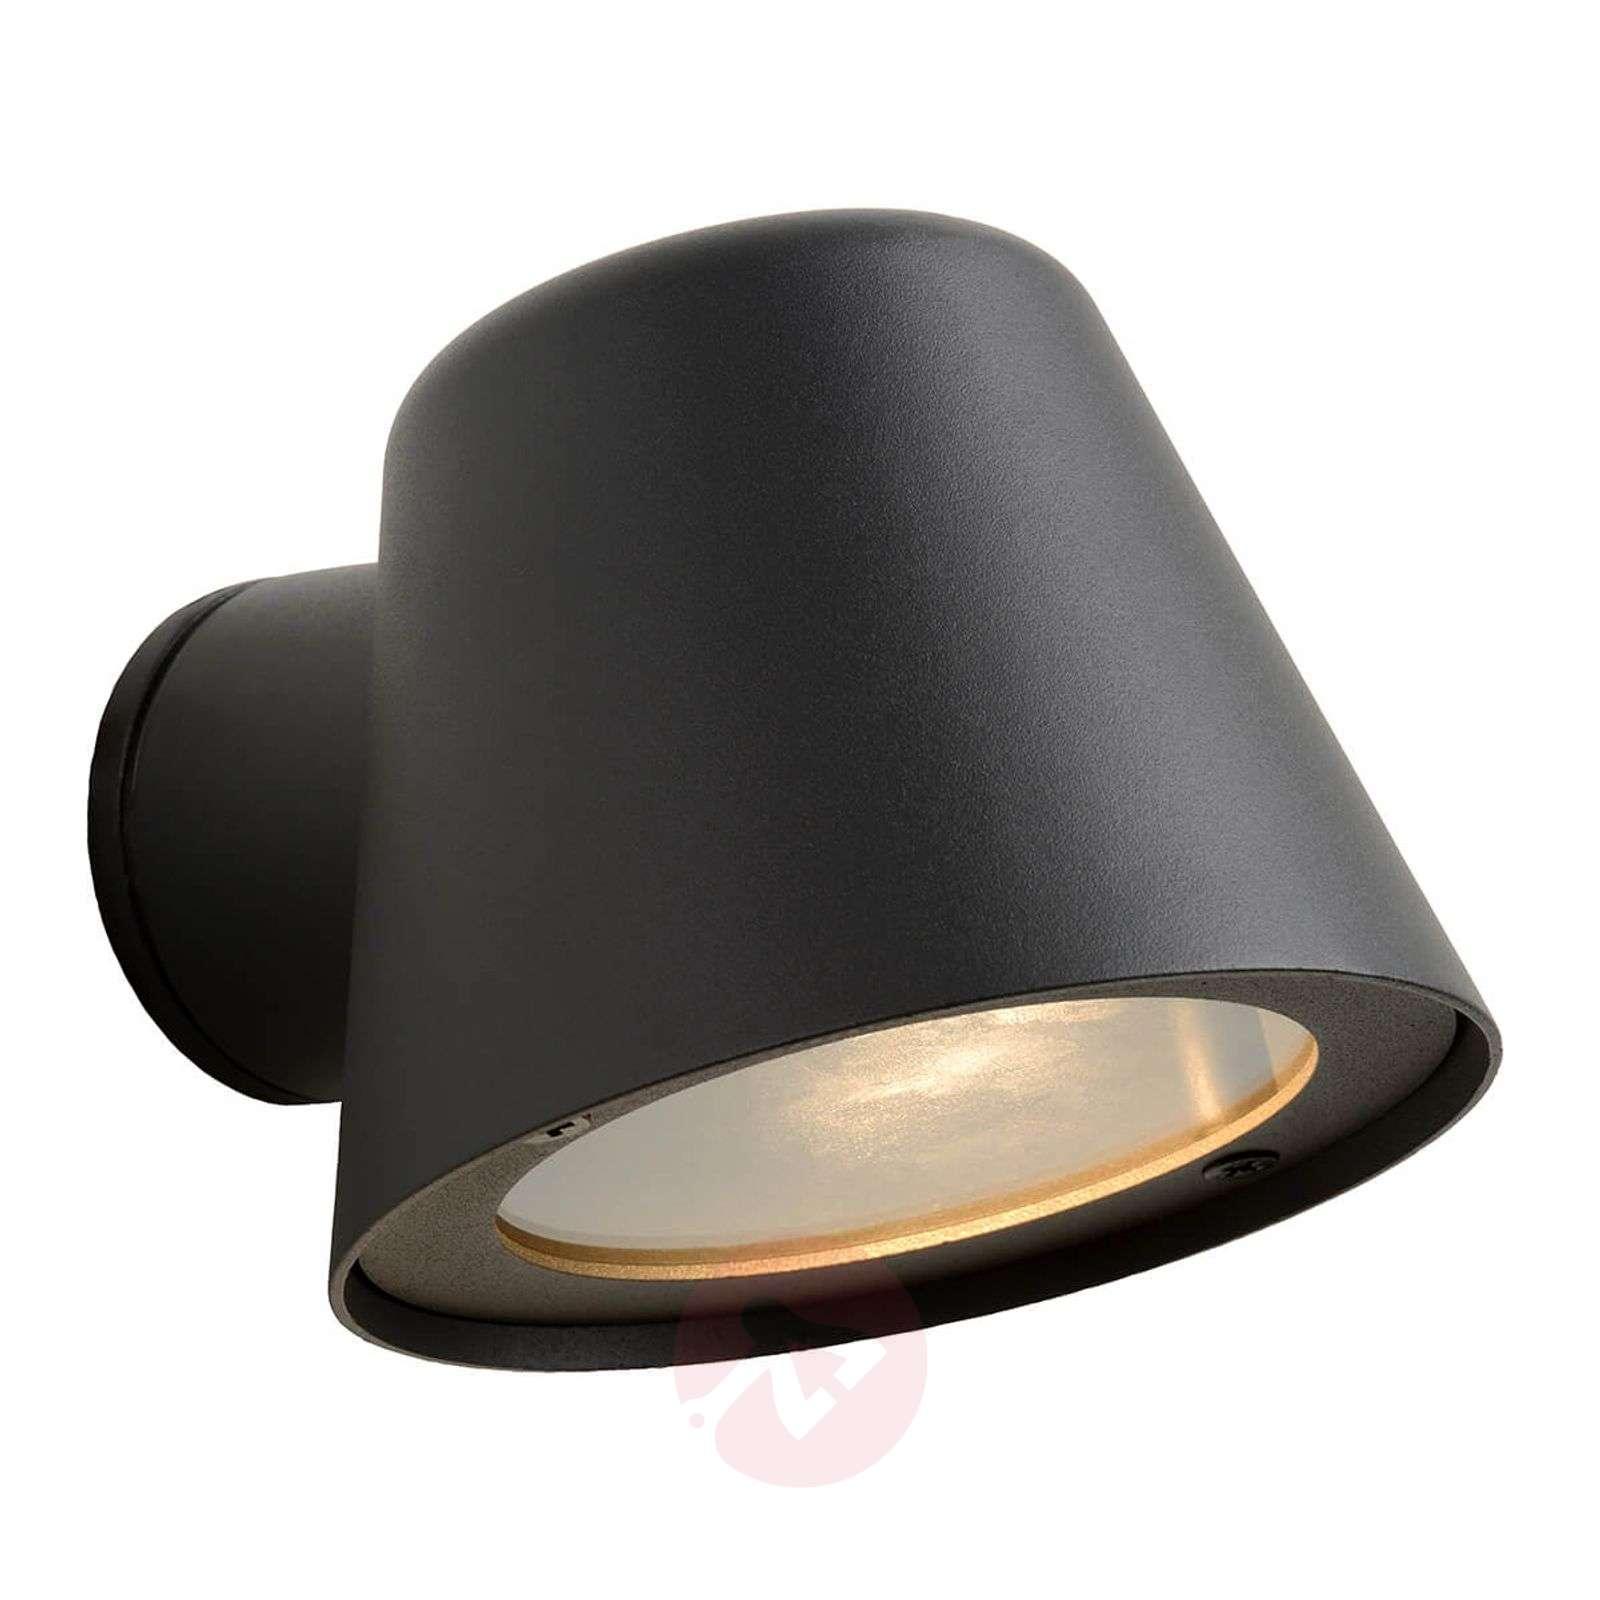 Black LED outdoor wall light Dingo, GU10-6055251-01